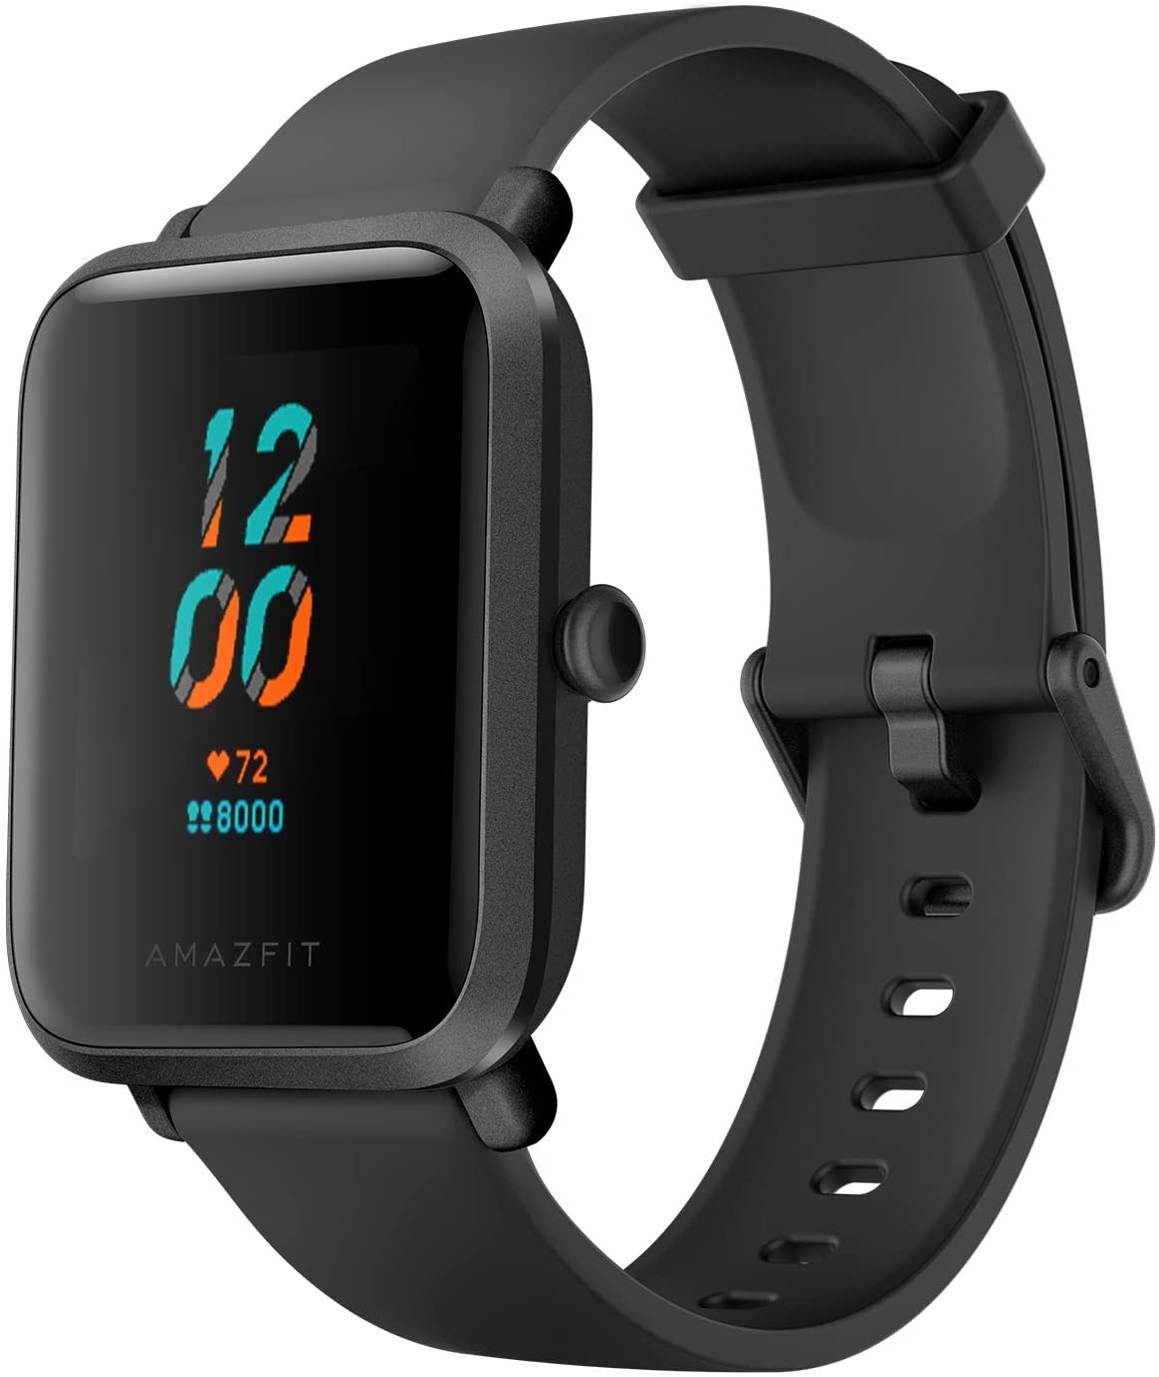 Amazfit Bip S Smartwatch Reloj Inteligente Fitness Rastreador con Monitor cardíaco y Gimnasia batería útil de 40 días duración Sumergible 5 ATM Bluetooth 5.0 / BLE Andriod iOS Negro